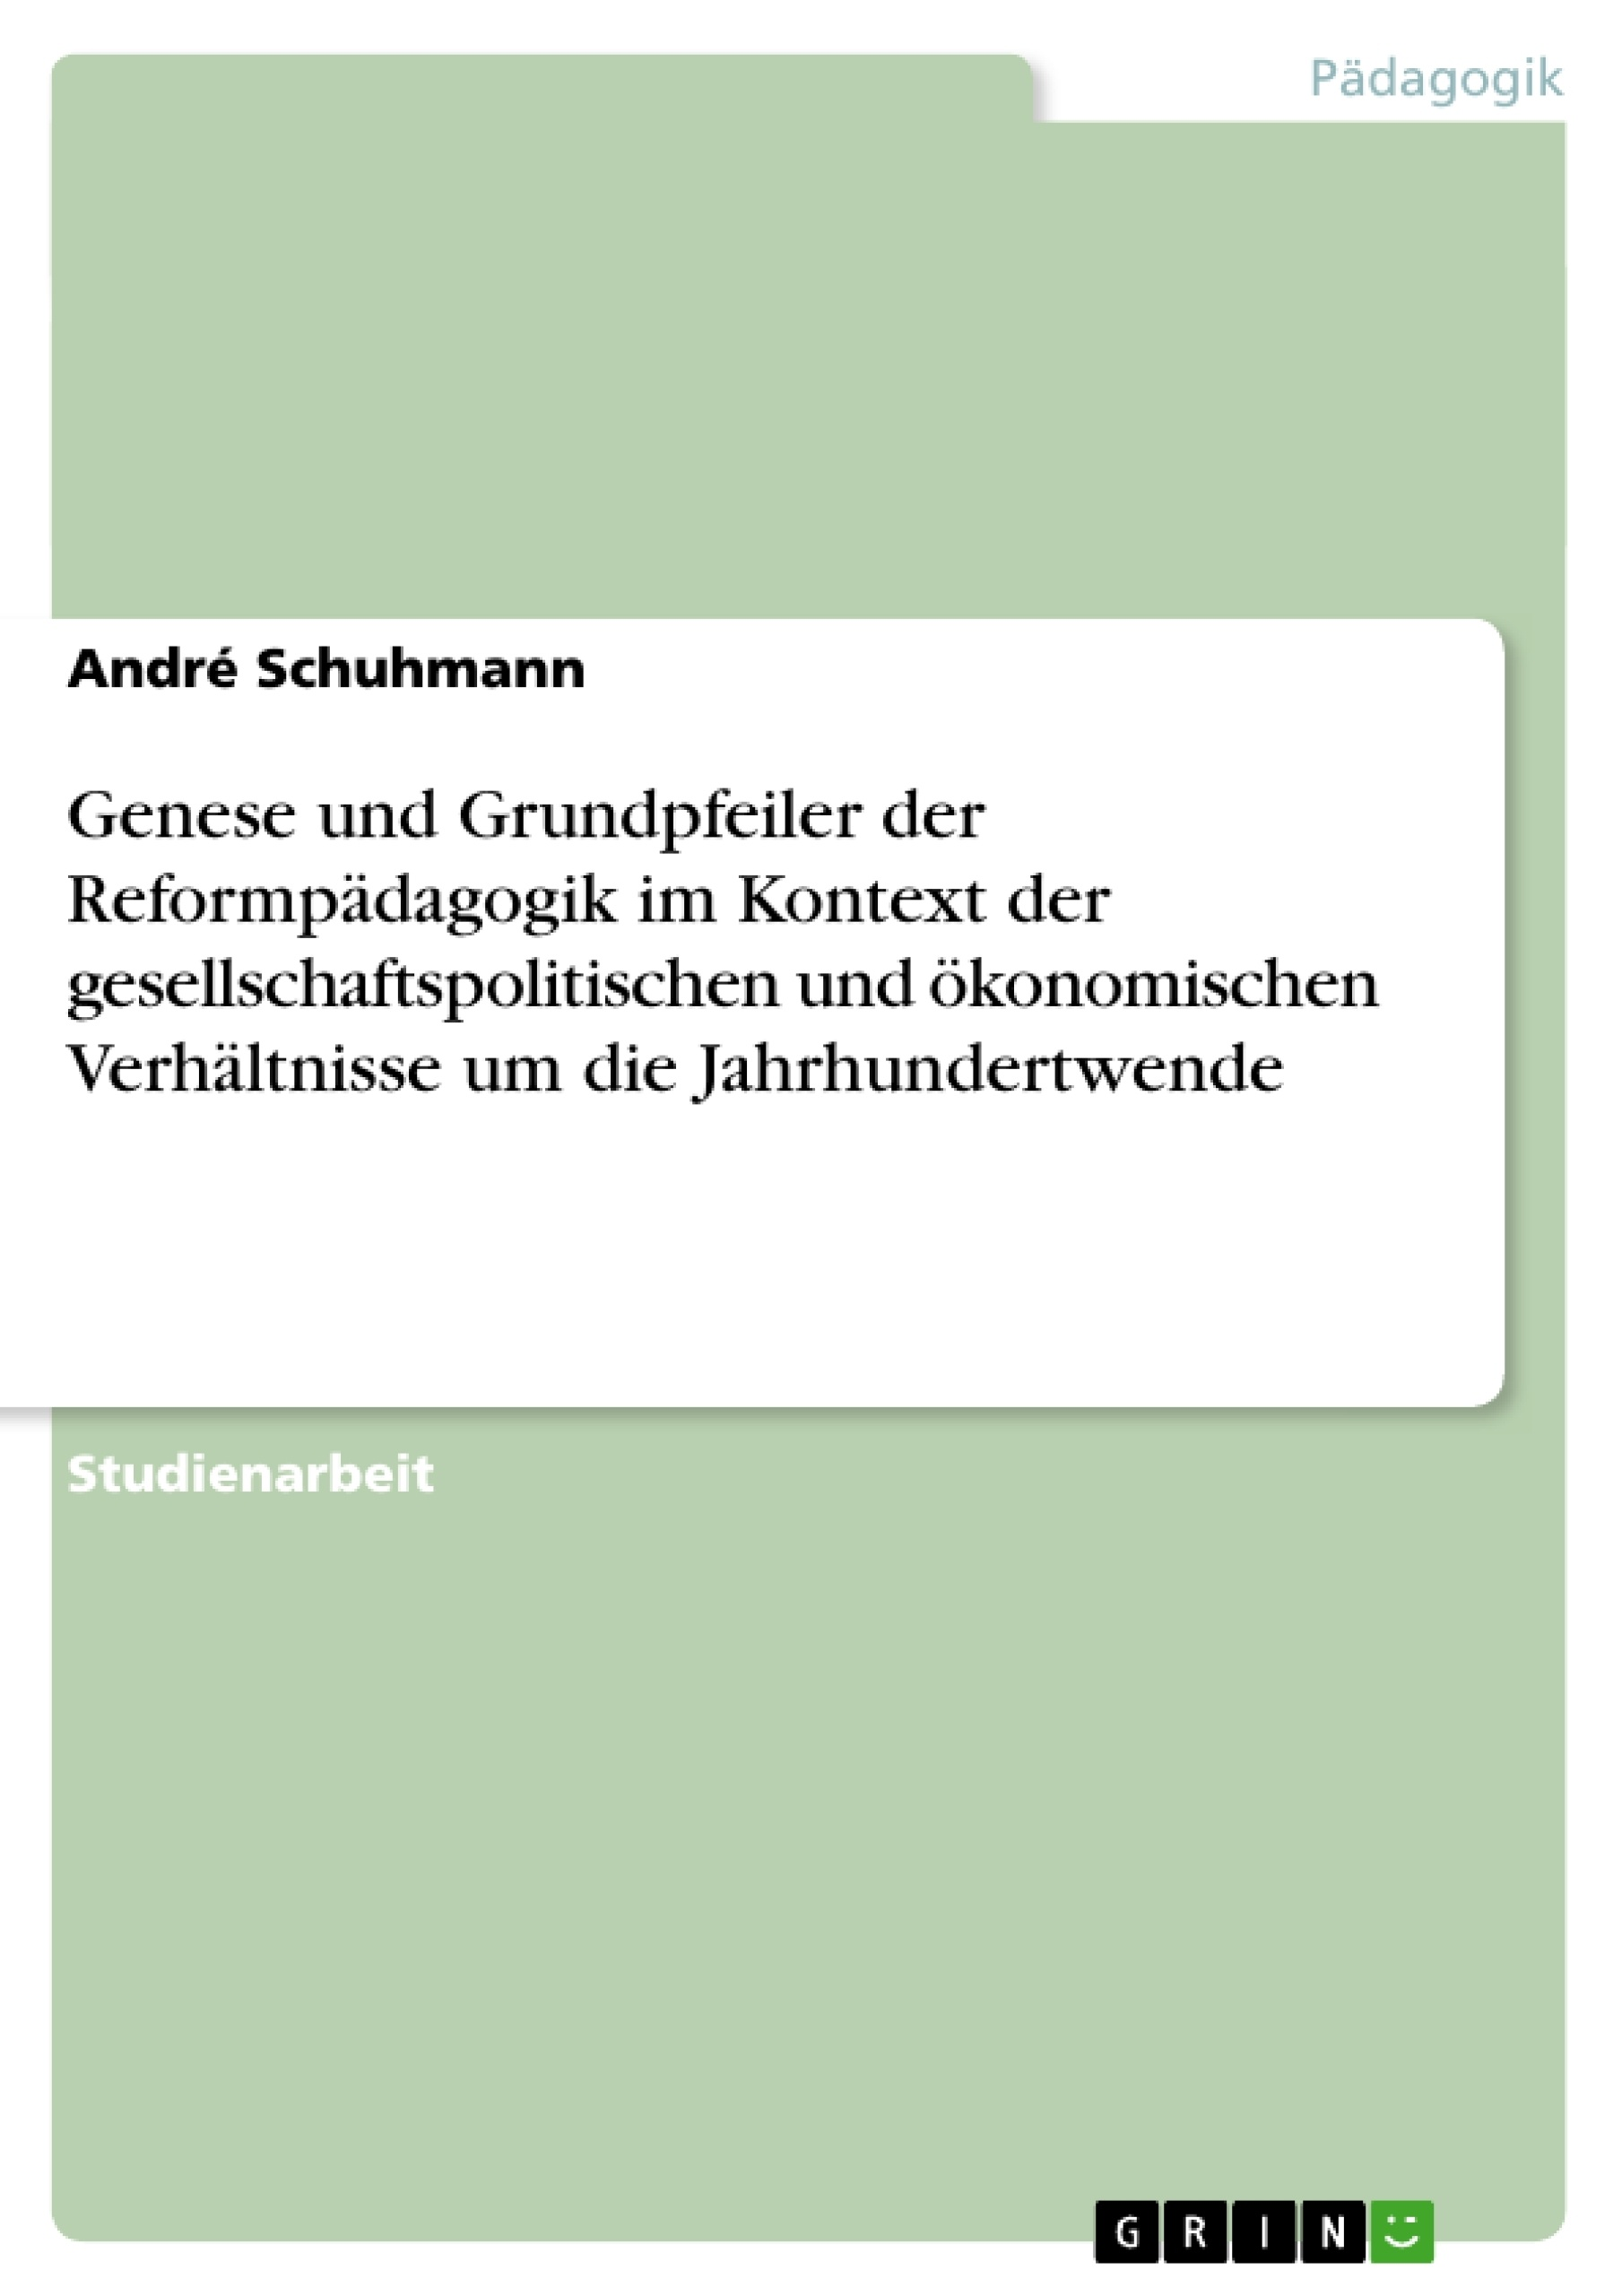 Titel: Genese und Grundpfeiler der Reformpädagogik im Kontext der gesellschaftspolitischen und ökonomischen Verhältnisse um die Jahrhundertwende